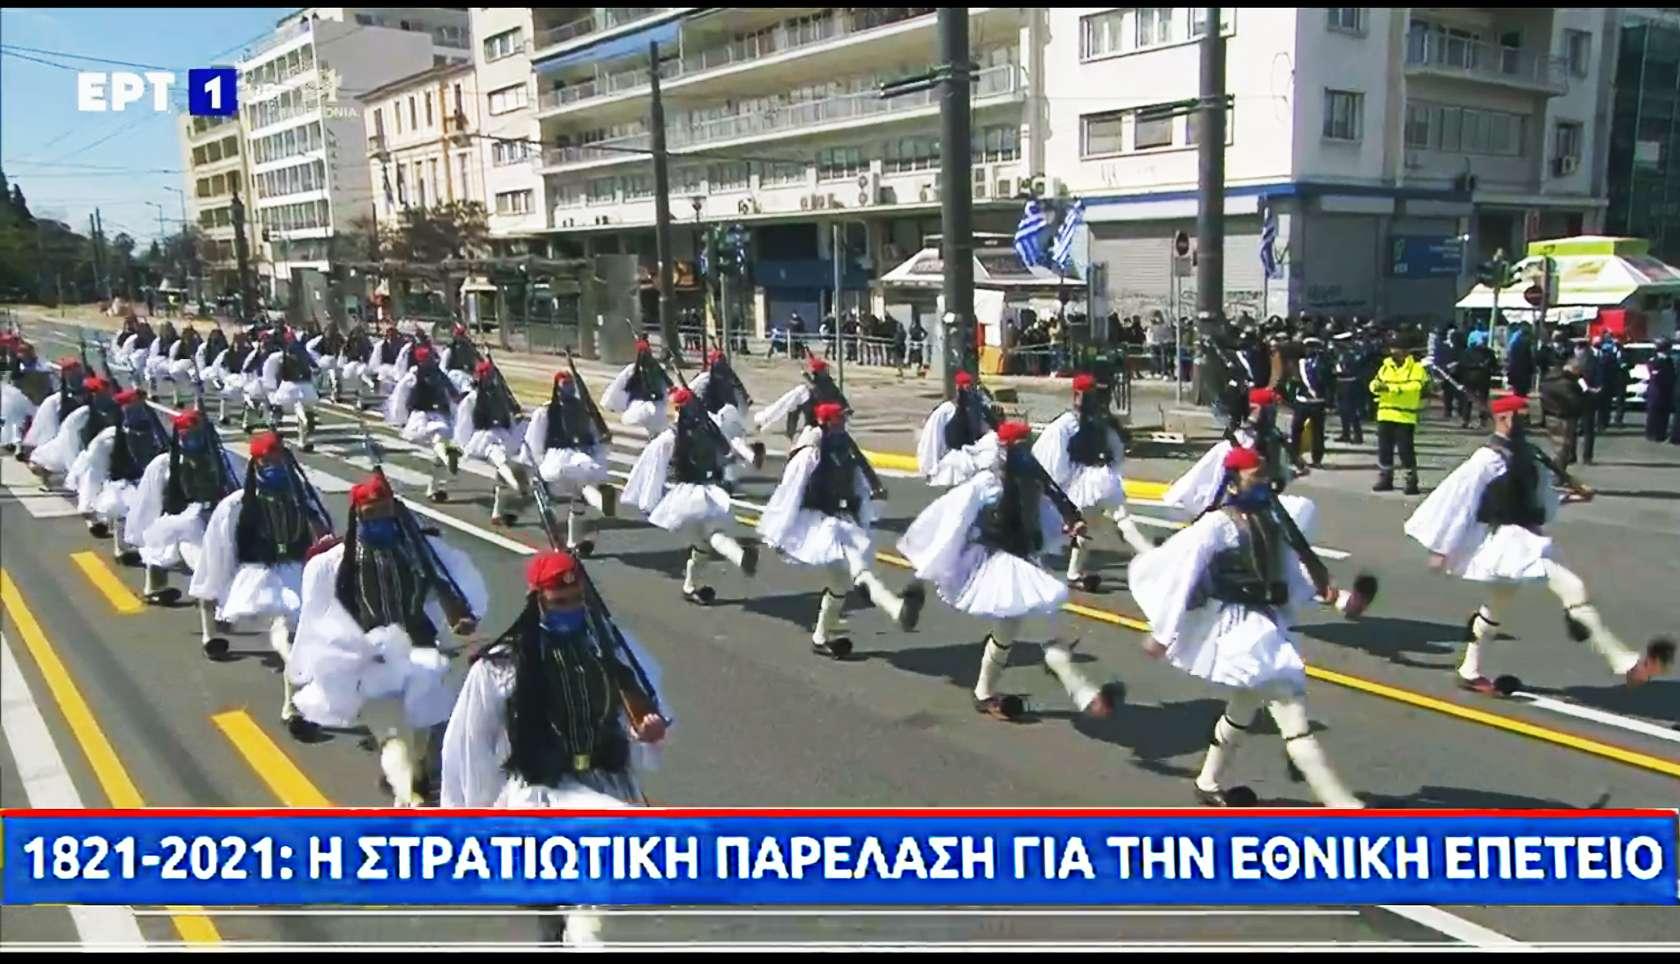 Δοξάστε τη Νέα Αρετή των Ελλήνων